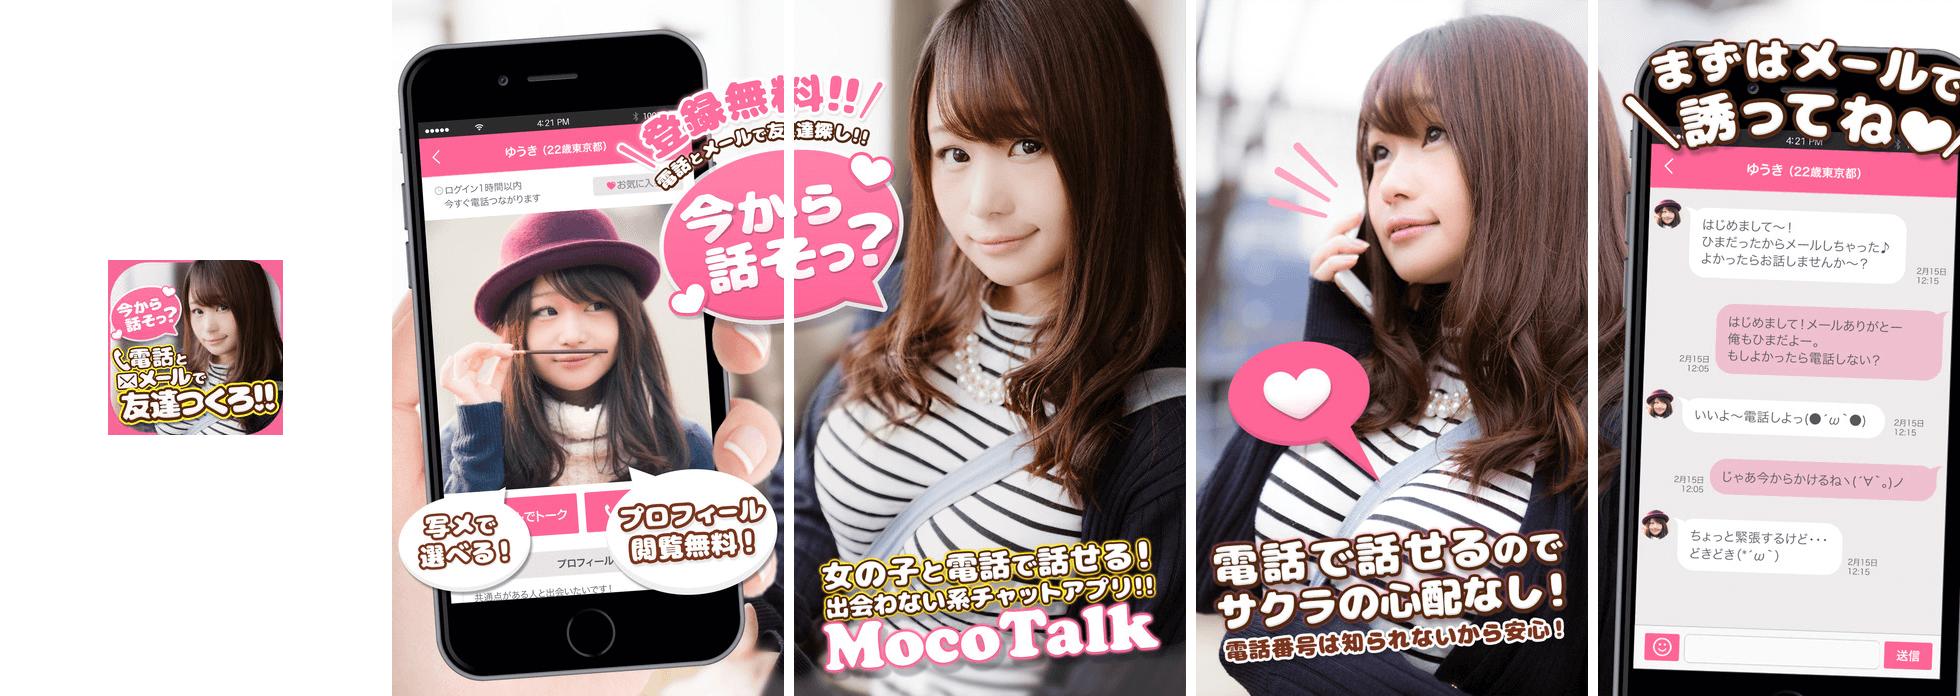 モコトーク 匿名でトークやチャット、通話ができる非出会い系アプリ